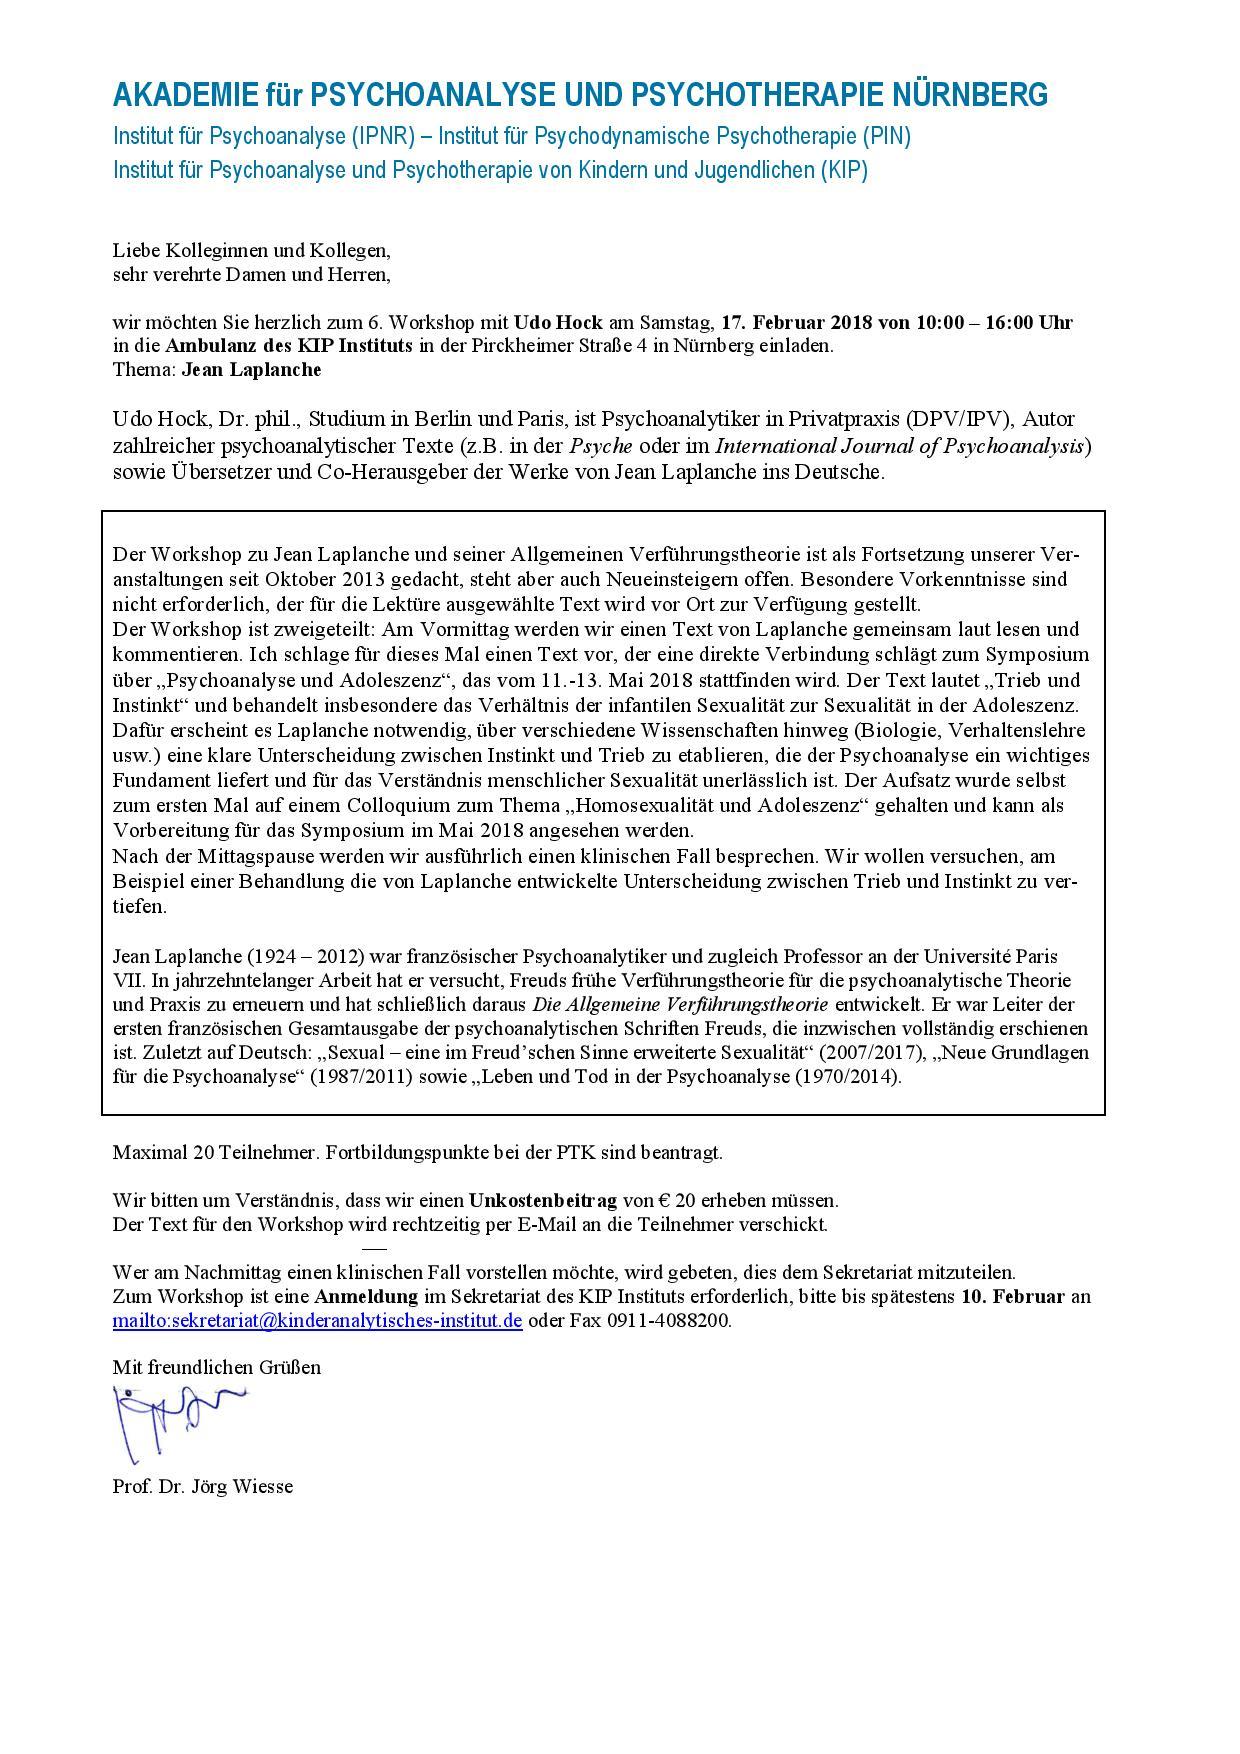 einladung h. hock 17.2.18 page 001